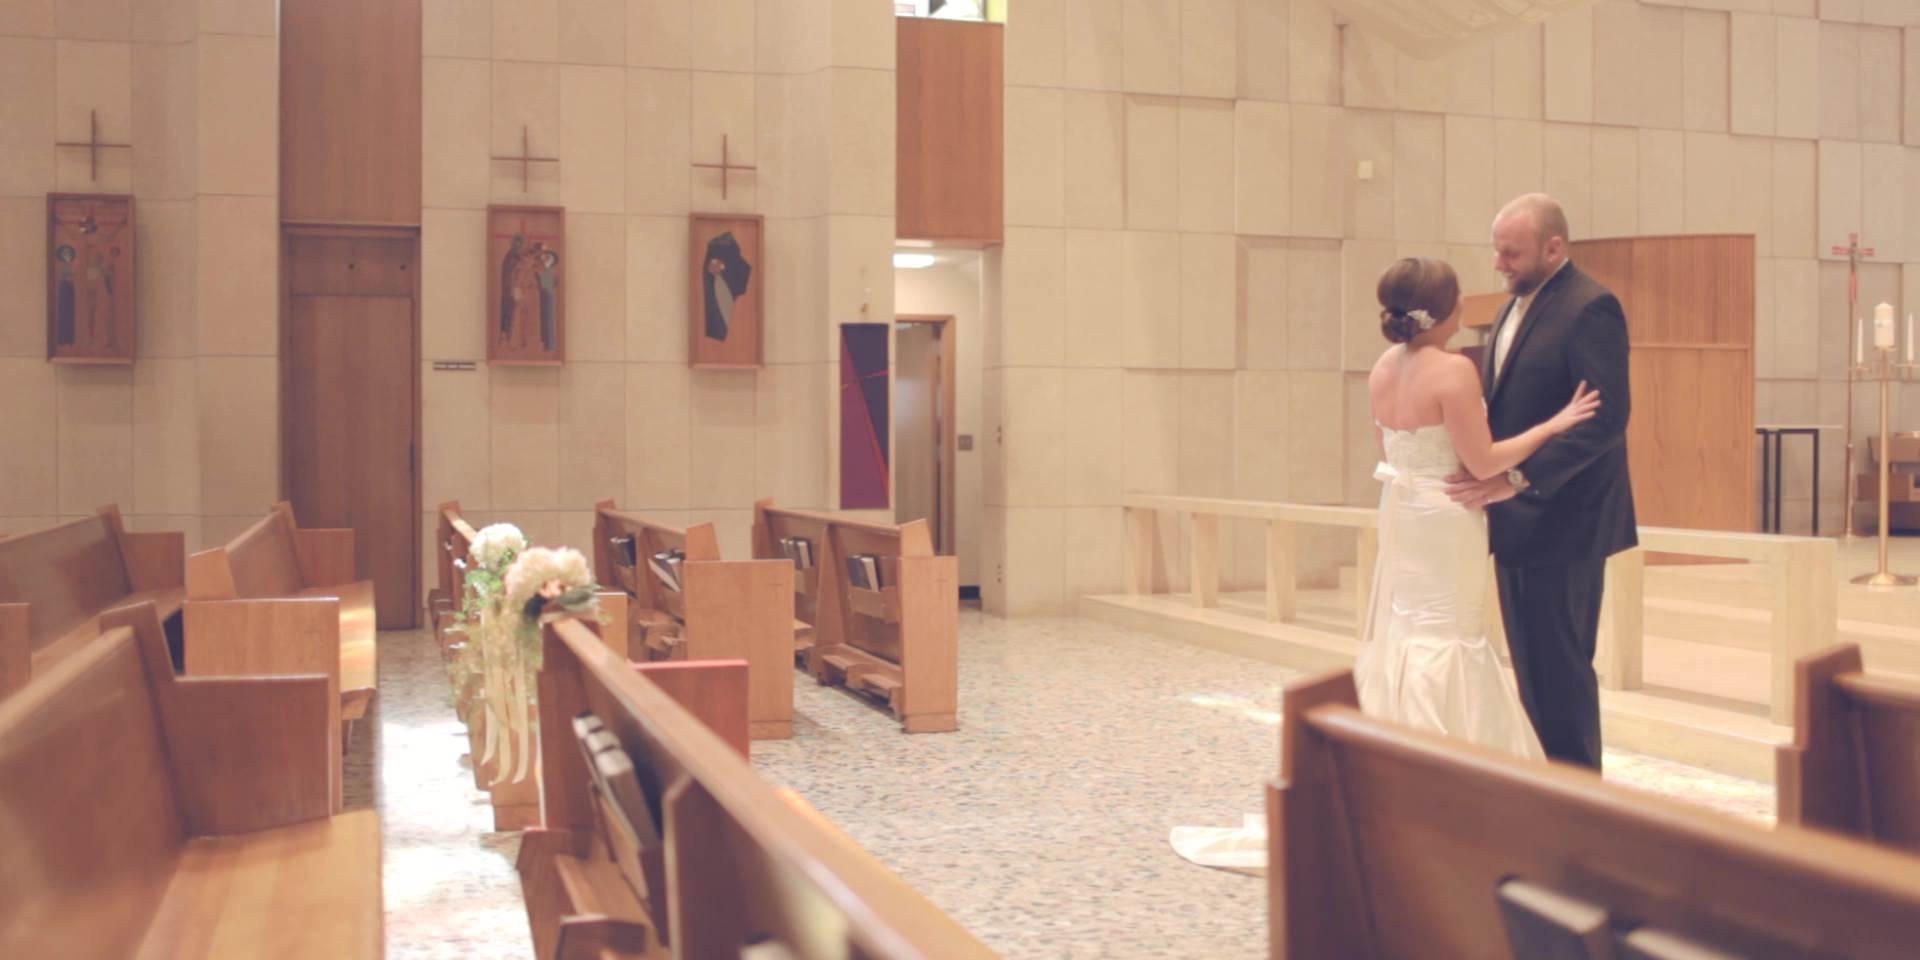 matt&anna wedding story.mp4-still00013.jpg